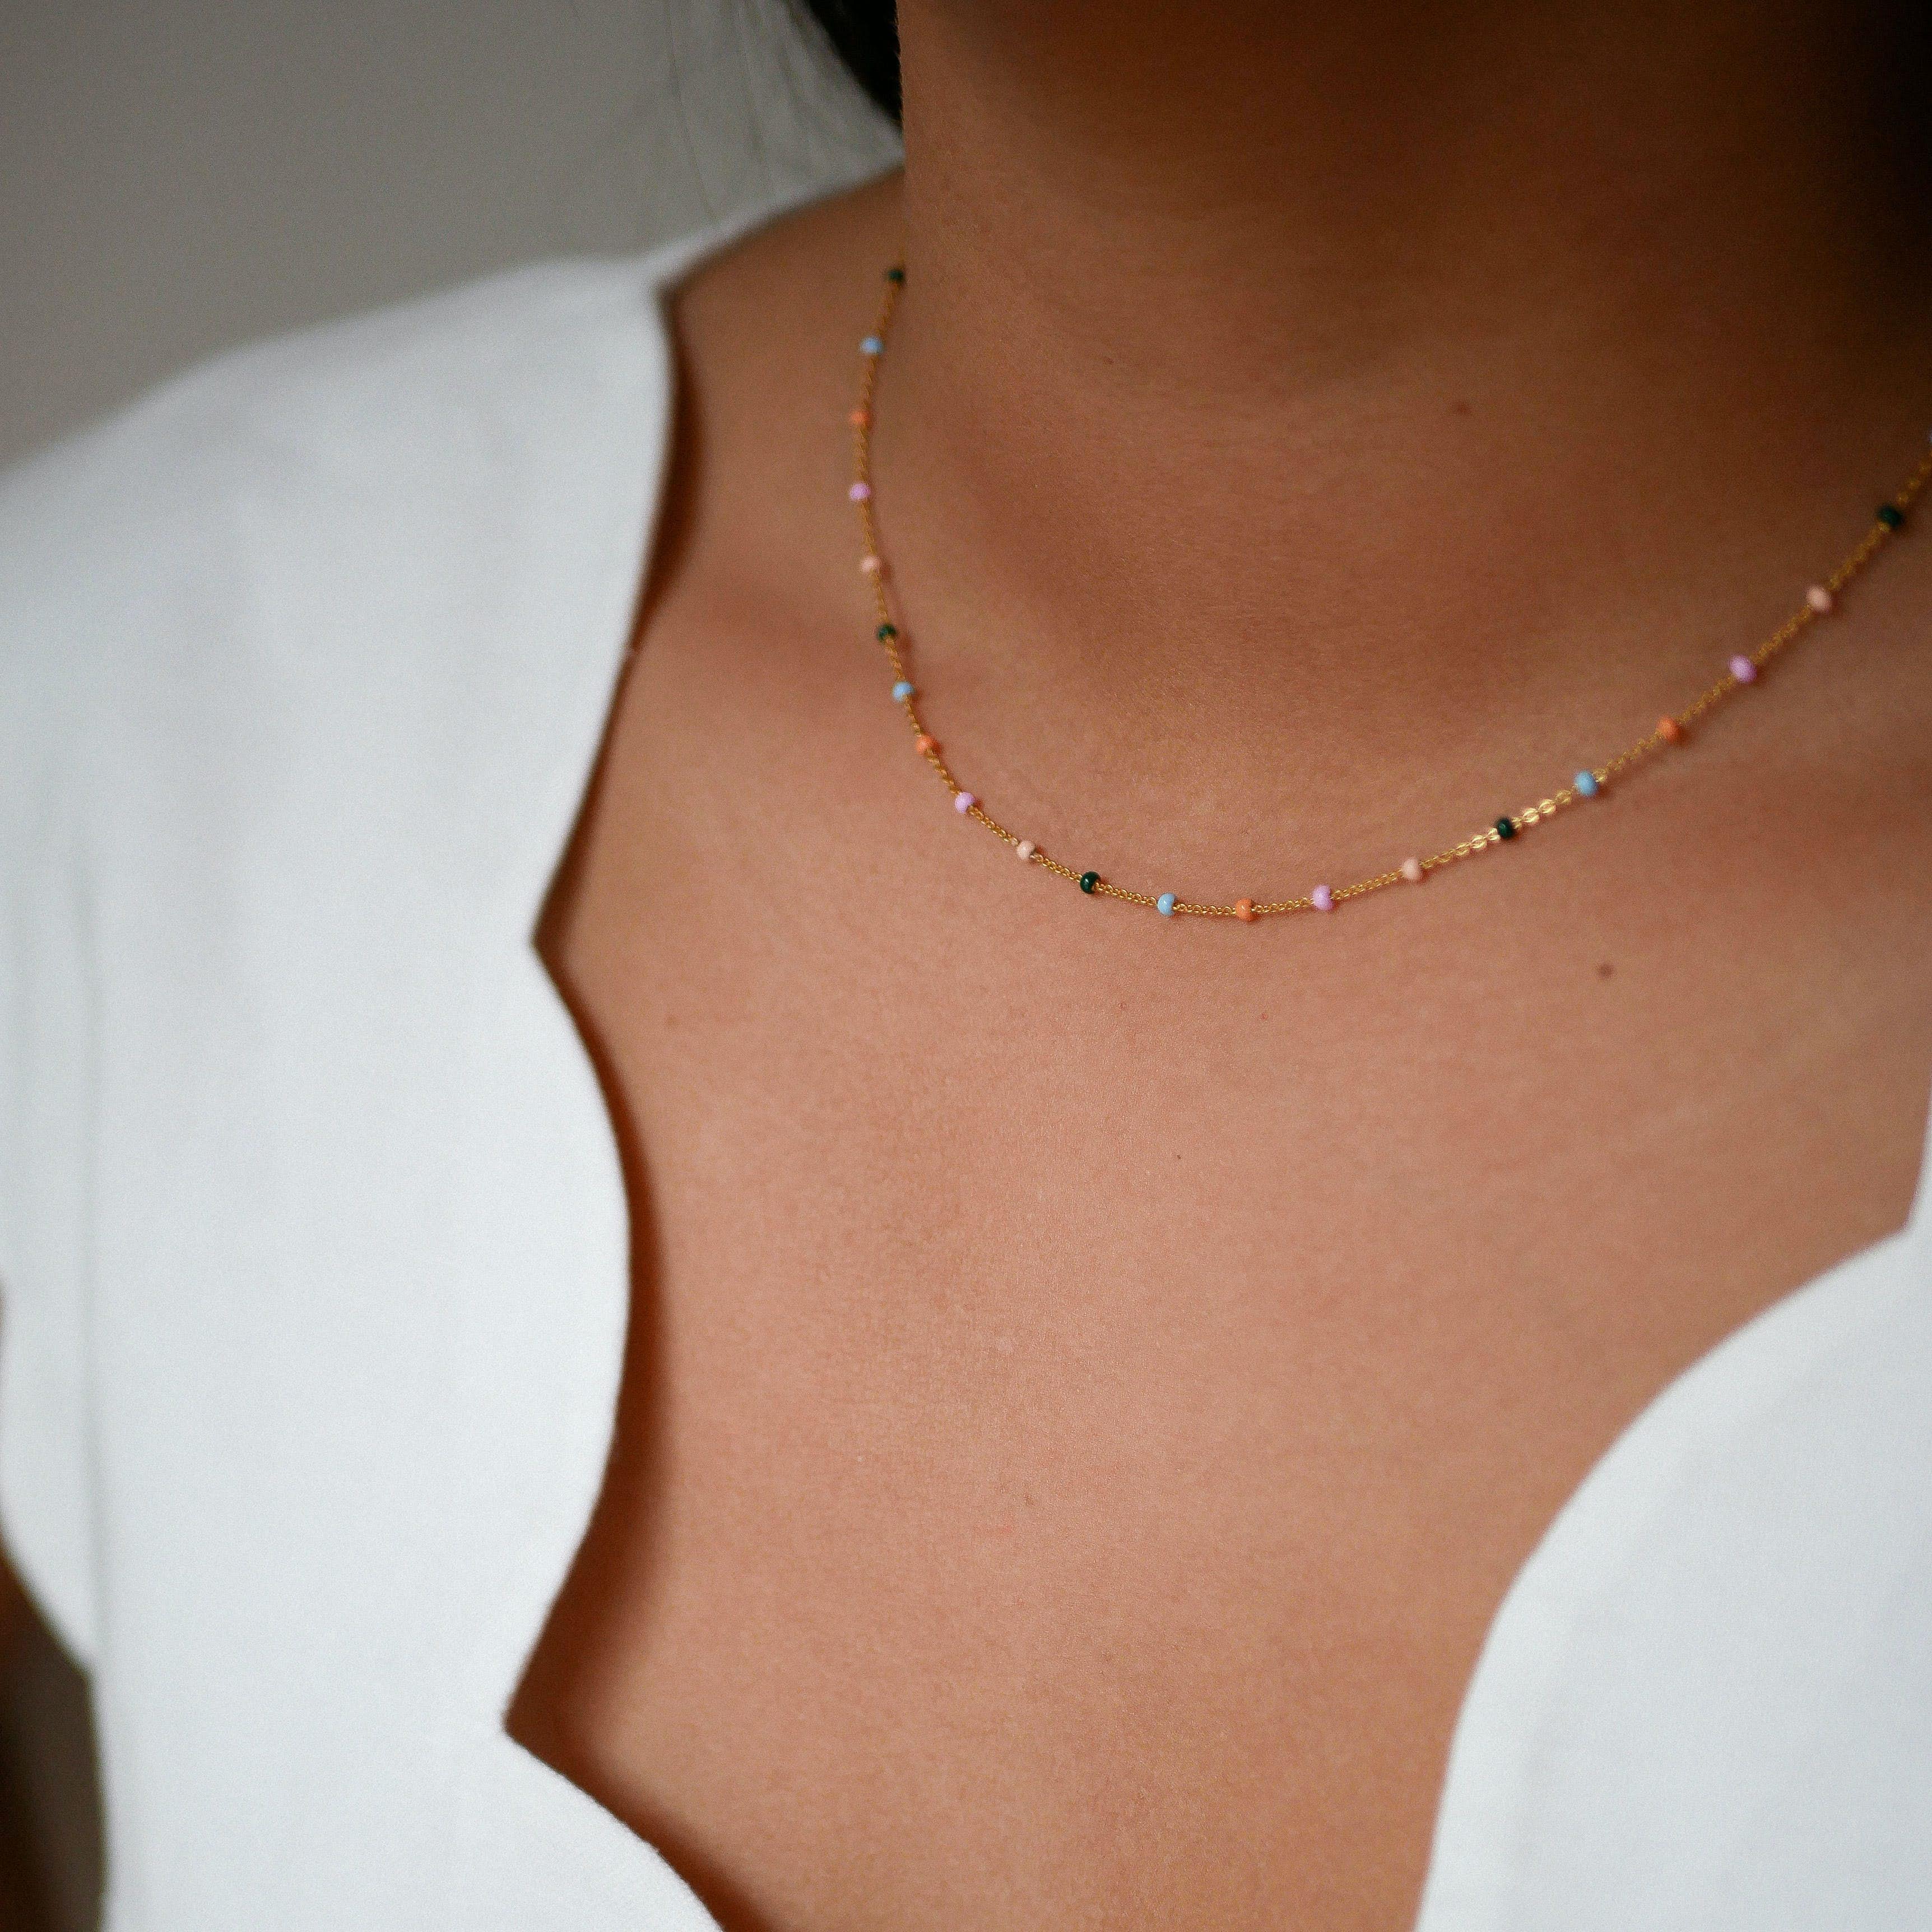 Lola Necklace Dreamy from Enamel Copenhagen in Goldplated-Silver Sterling 925